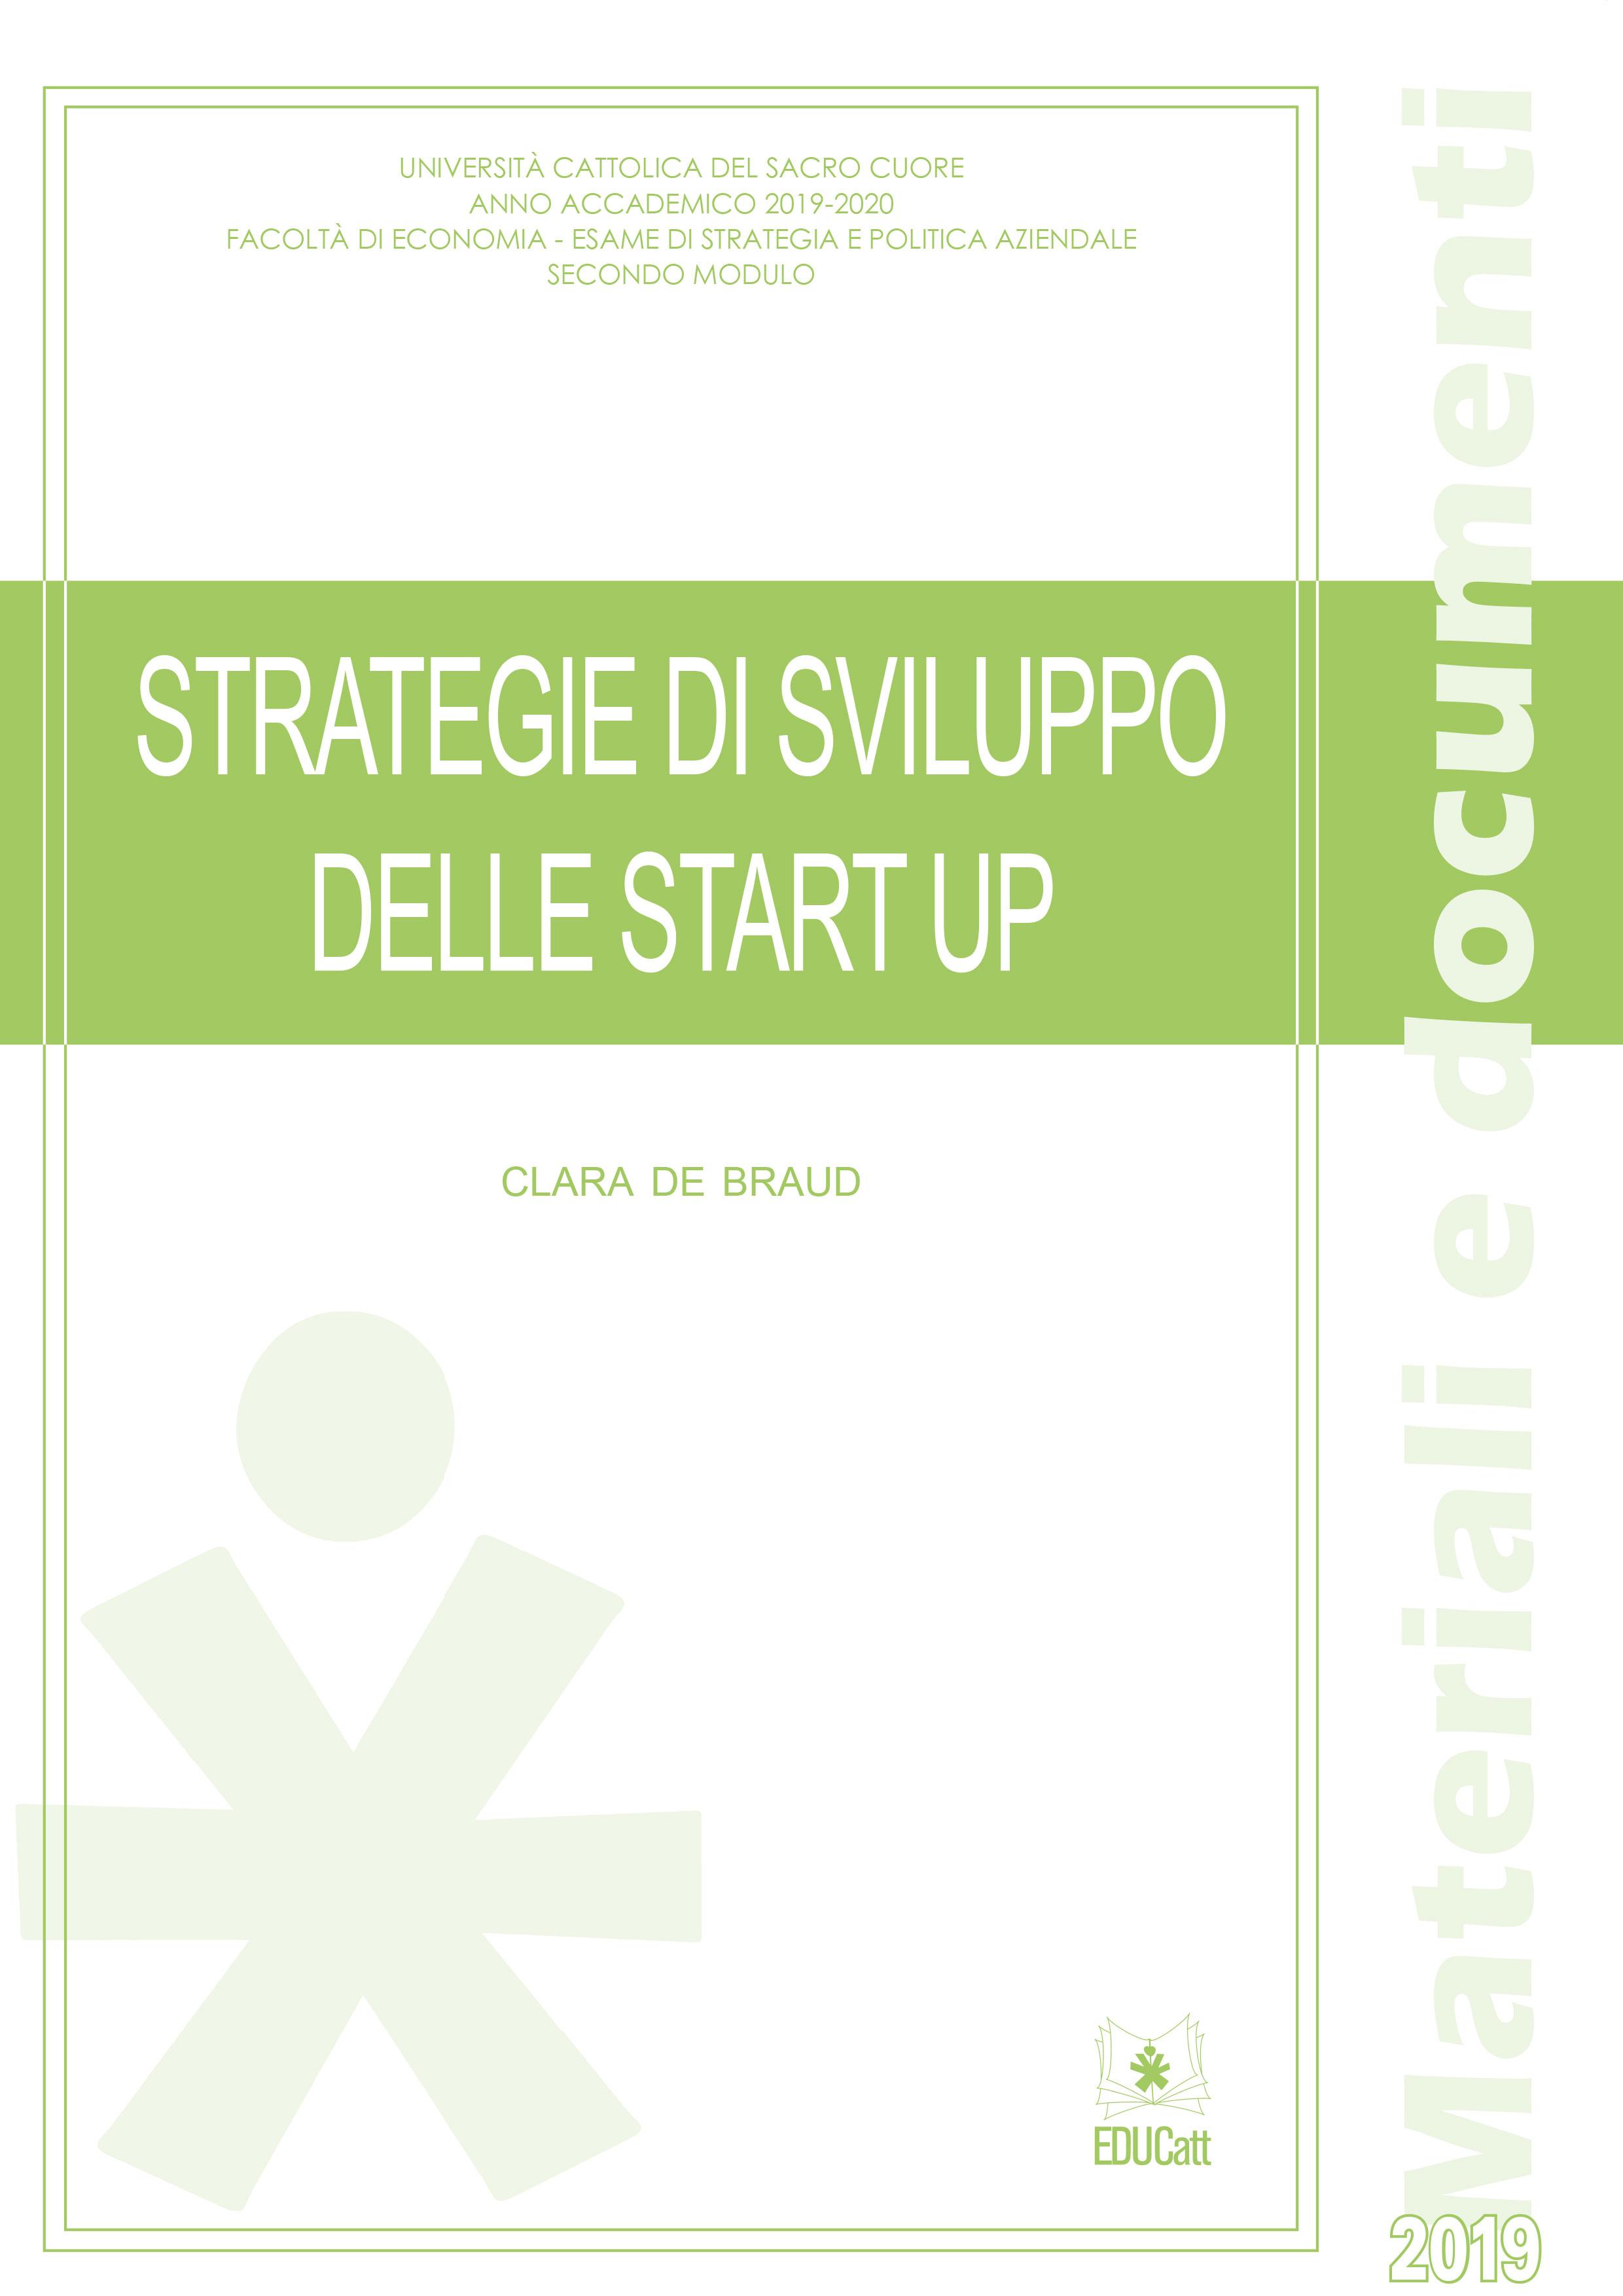 Strategie di sviluppo delle start up